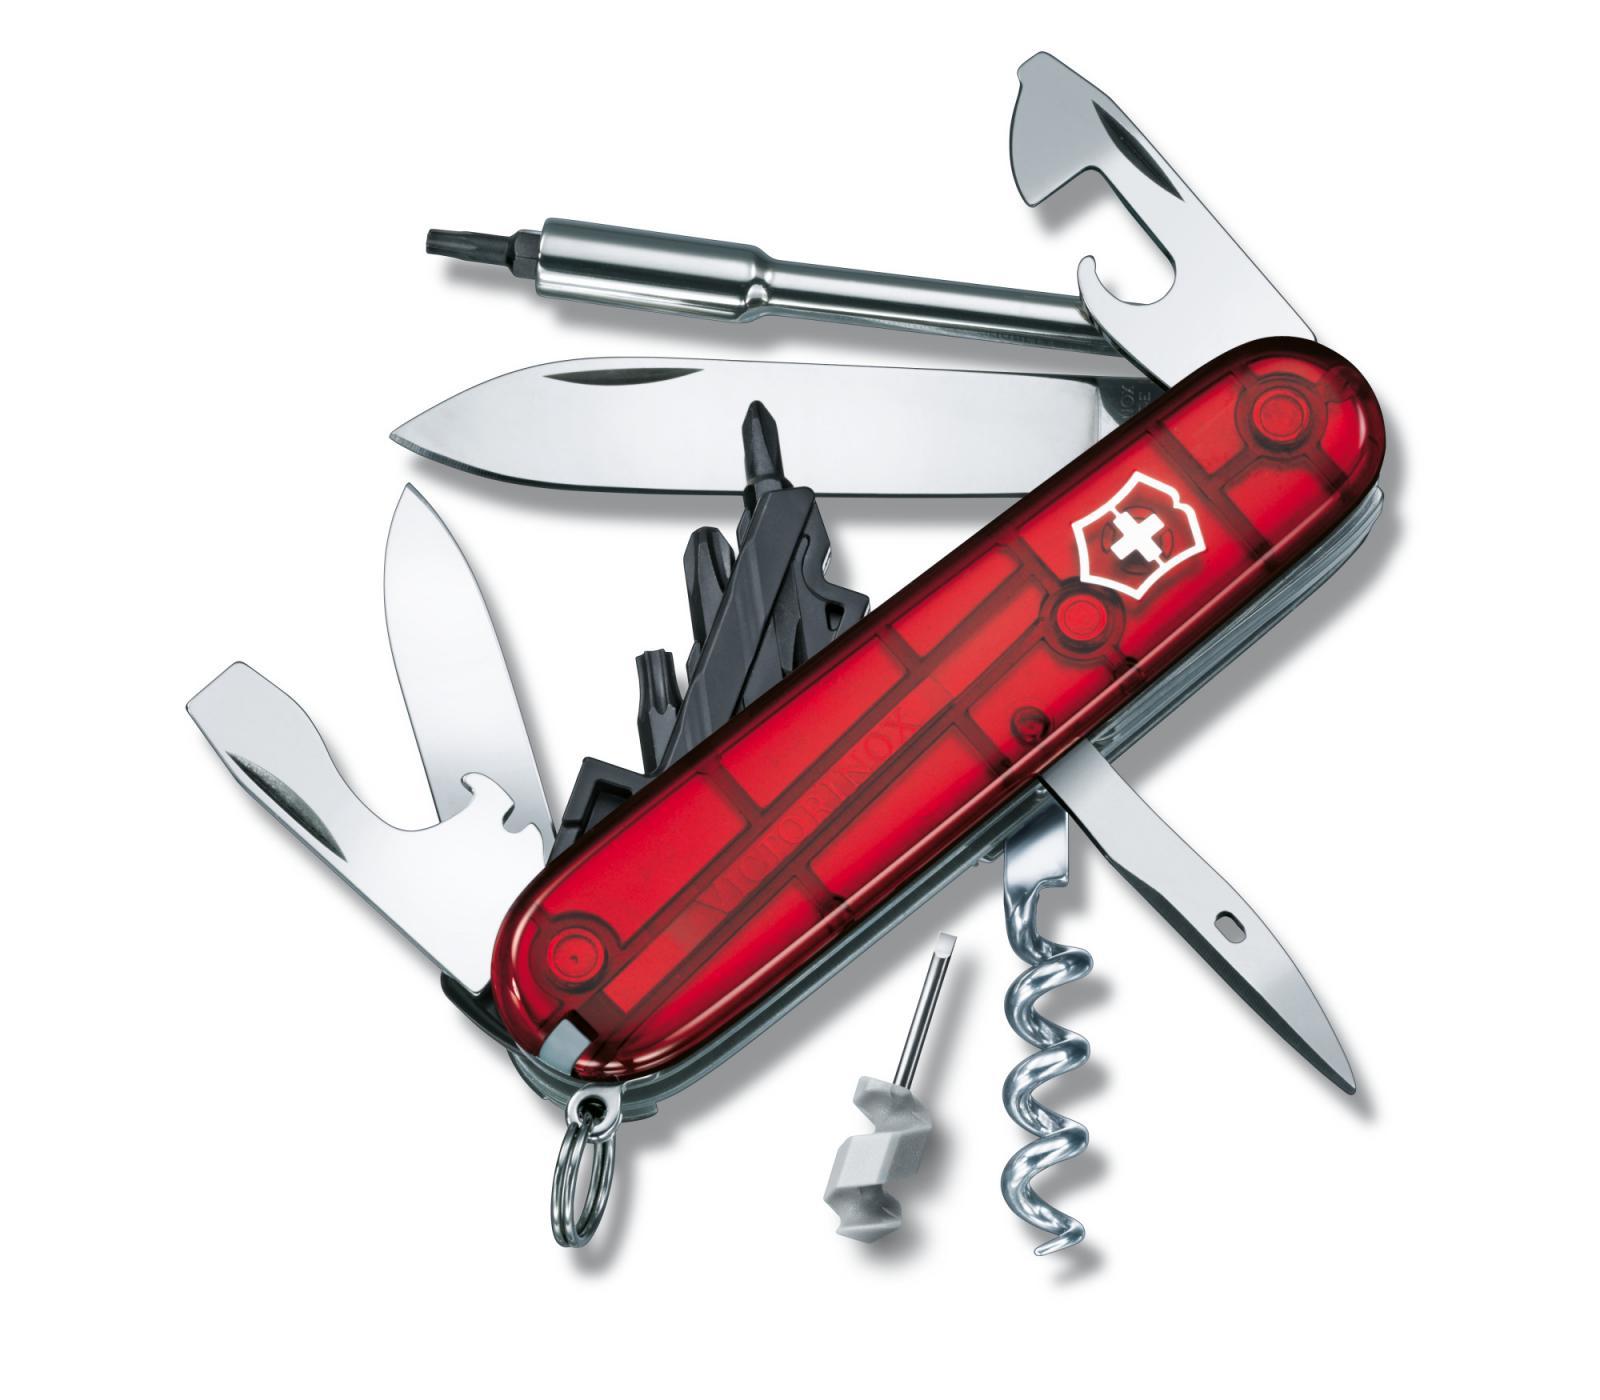 Navaja Victorinox CyberTool S de bolsillo mediana con llave inglesa y llave Allen 1.7605.T